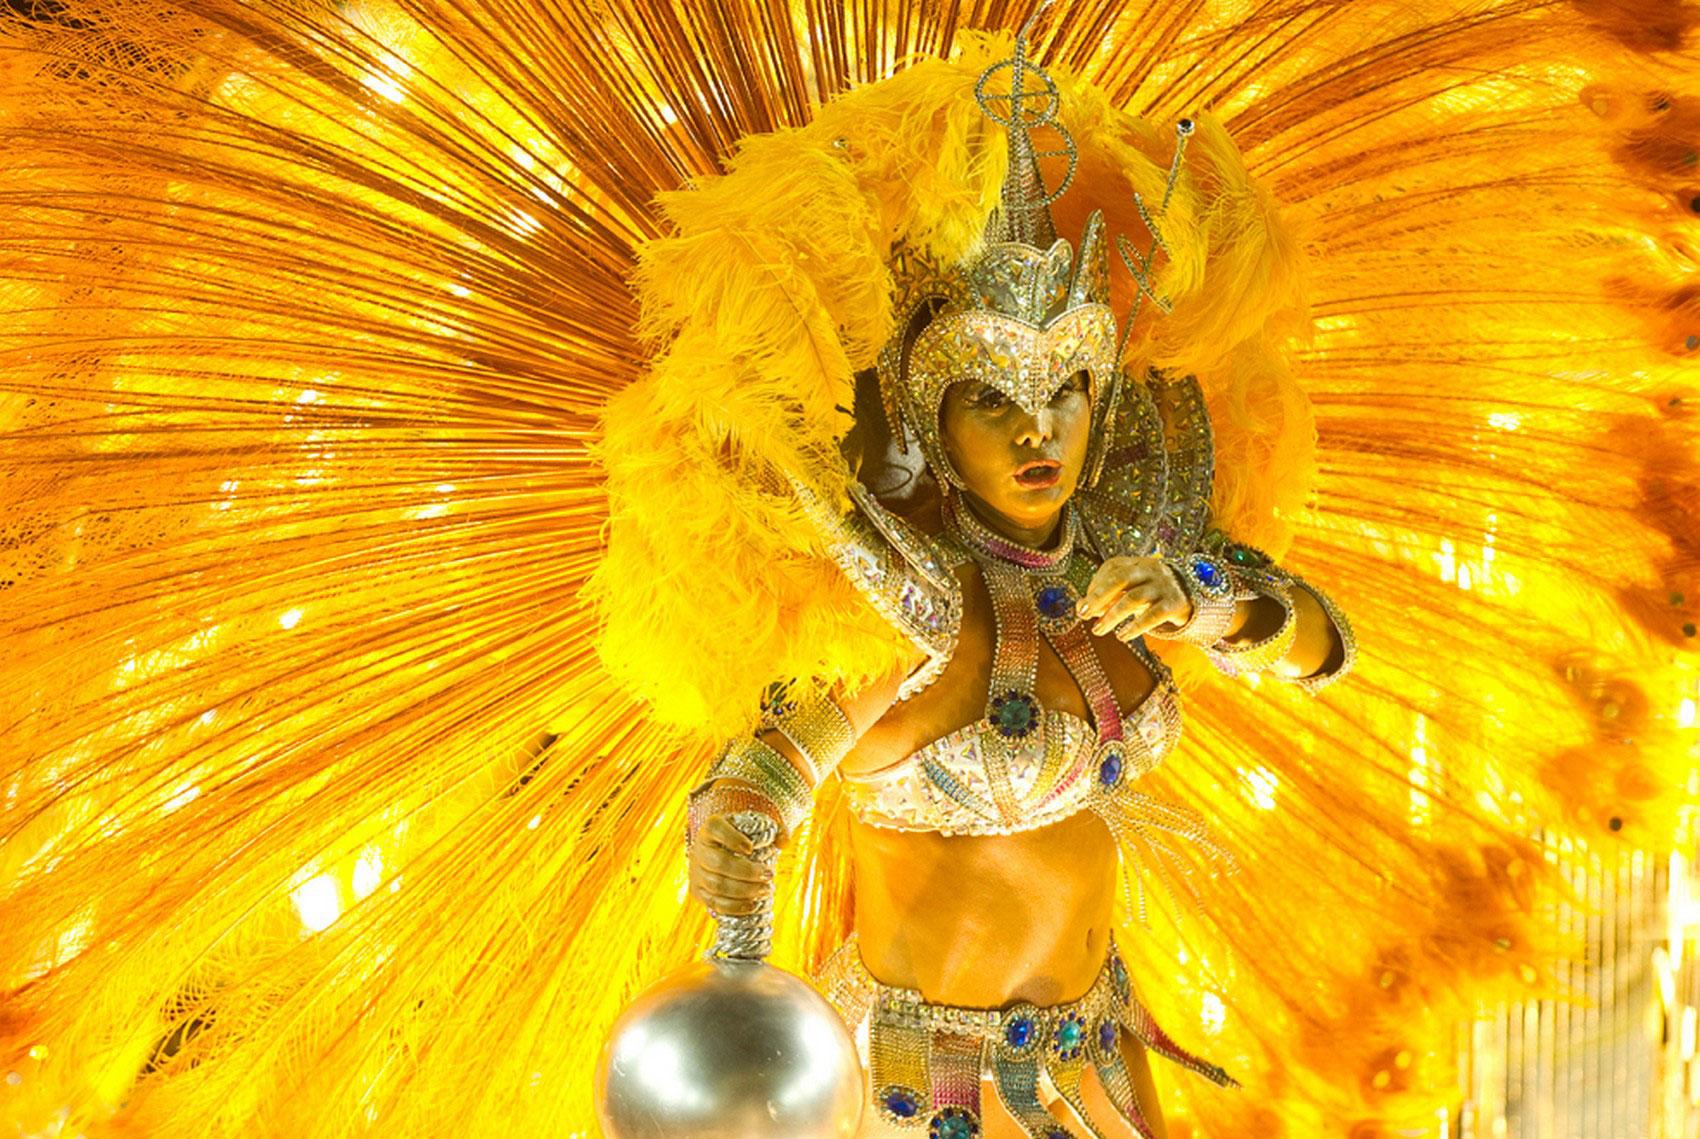 выступление на бразильском празднике, фото